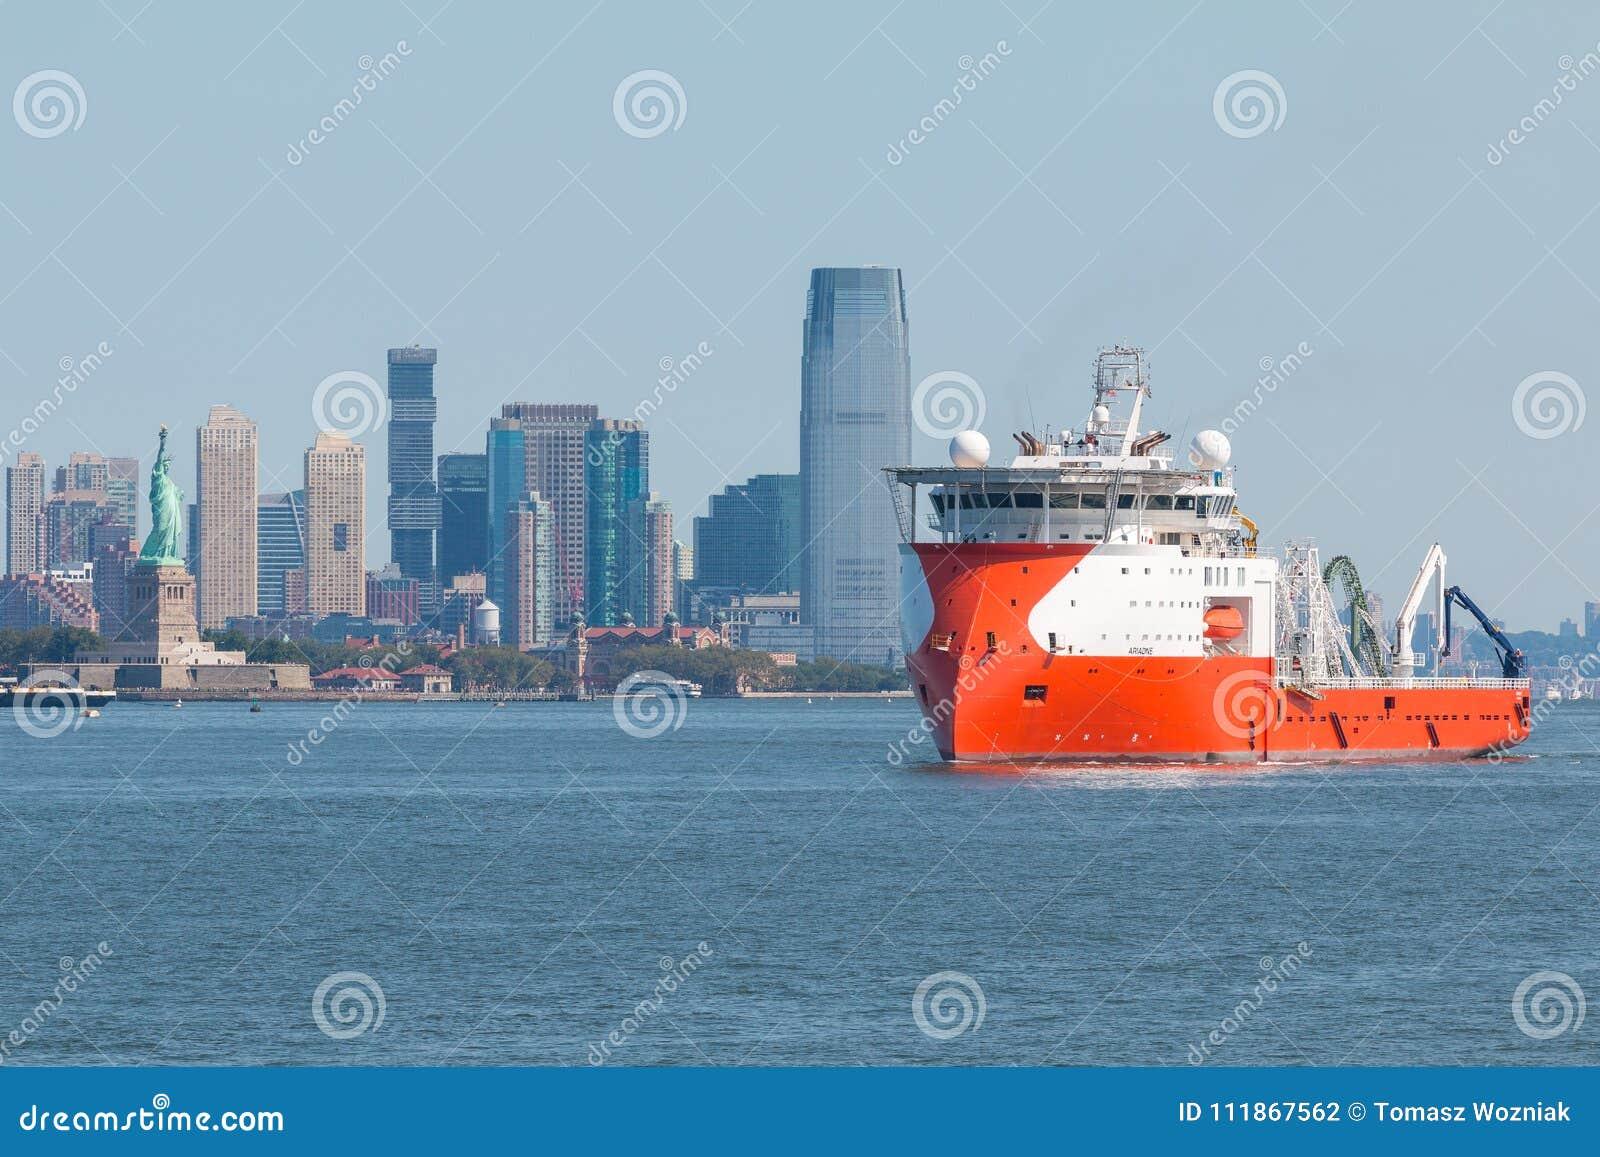 Ariadne Multi Purpose Offshore Vessel på Hudson River Sikt av nytt - ärmlös tröja i bakgrund